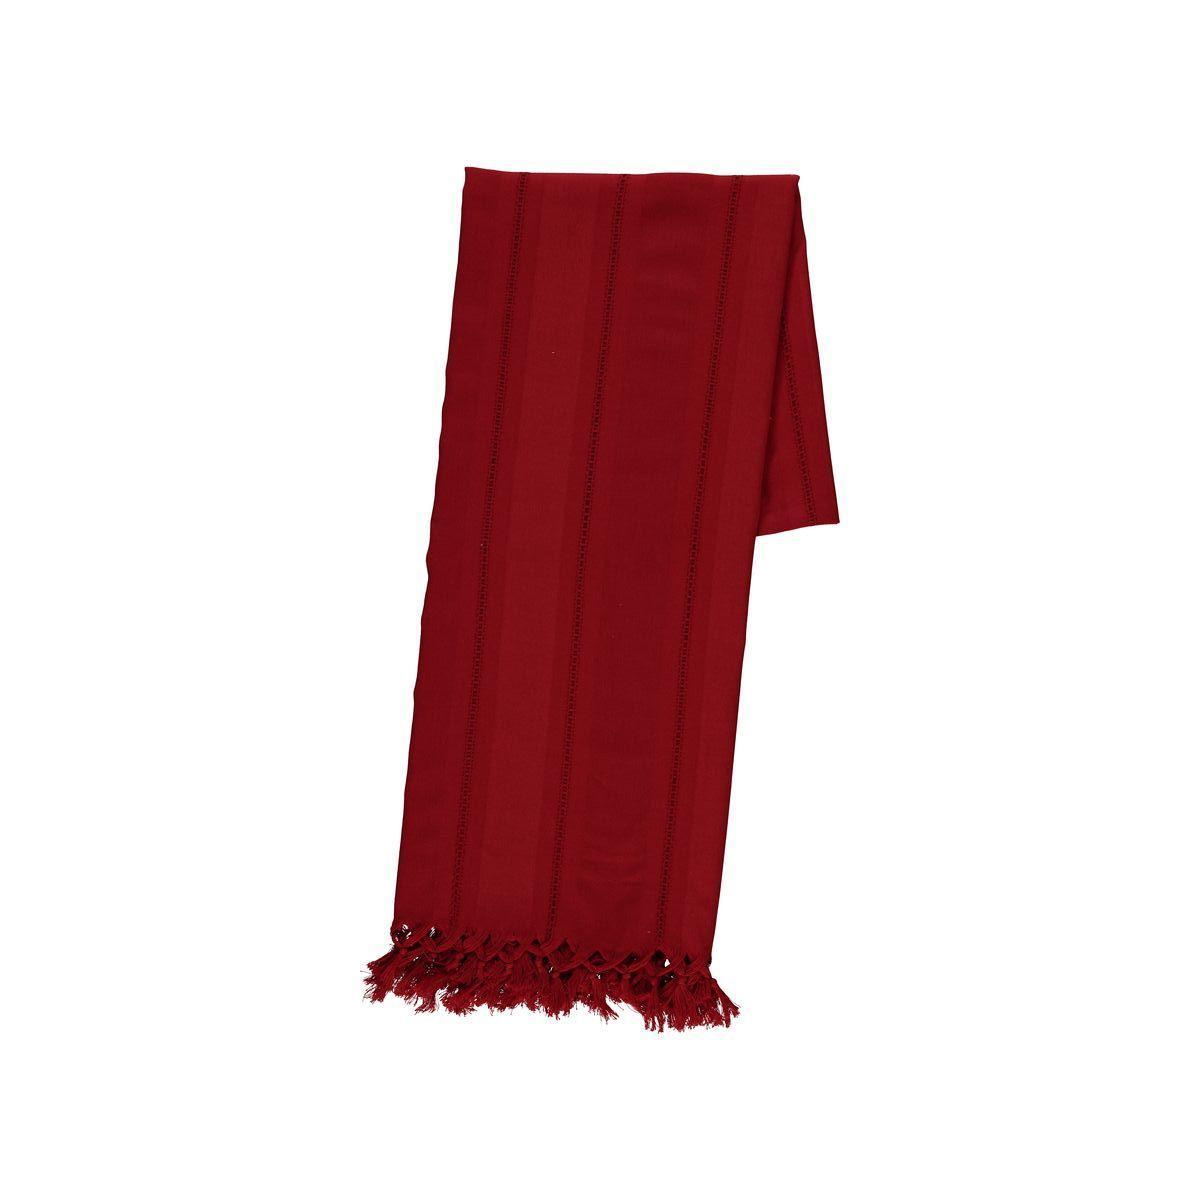 Peshtamal / Hamam Towel Ajur - Red